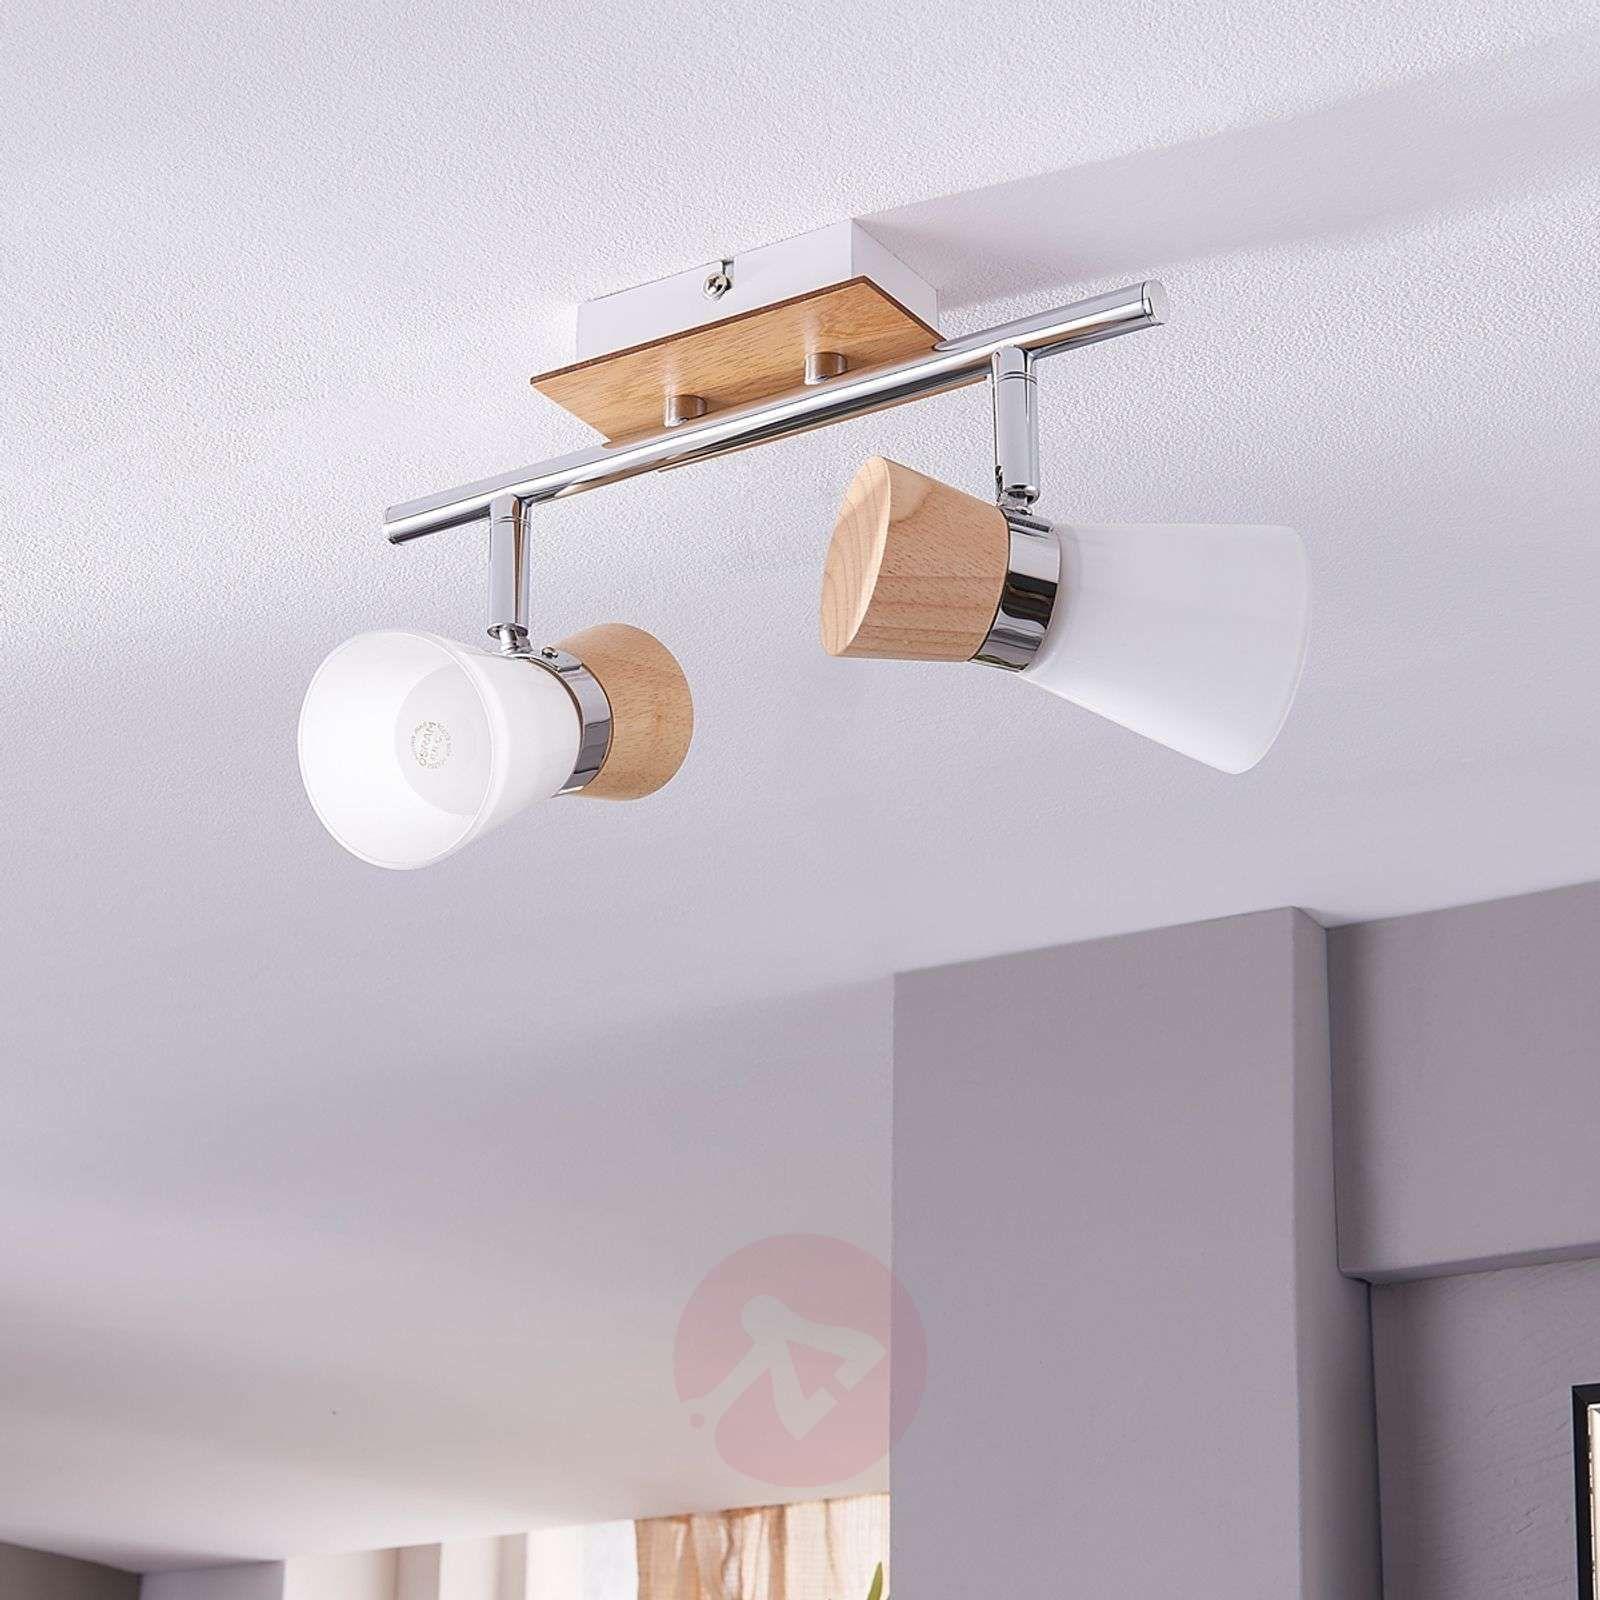 sklep z lampami fordońska bydgoszcz | lampa sufitowa do